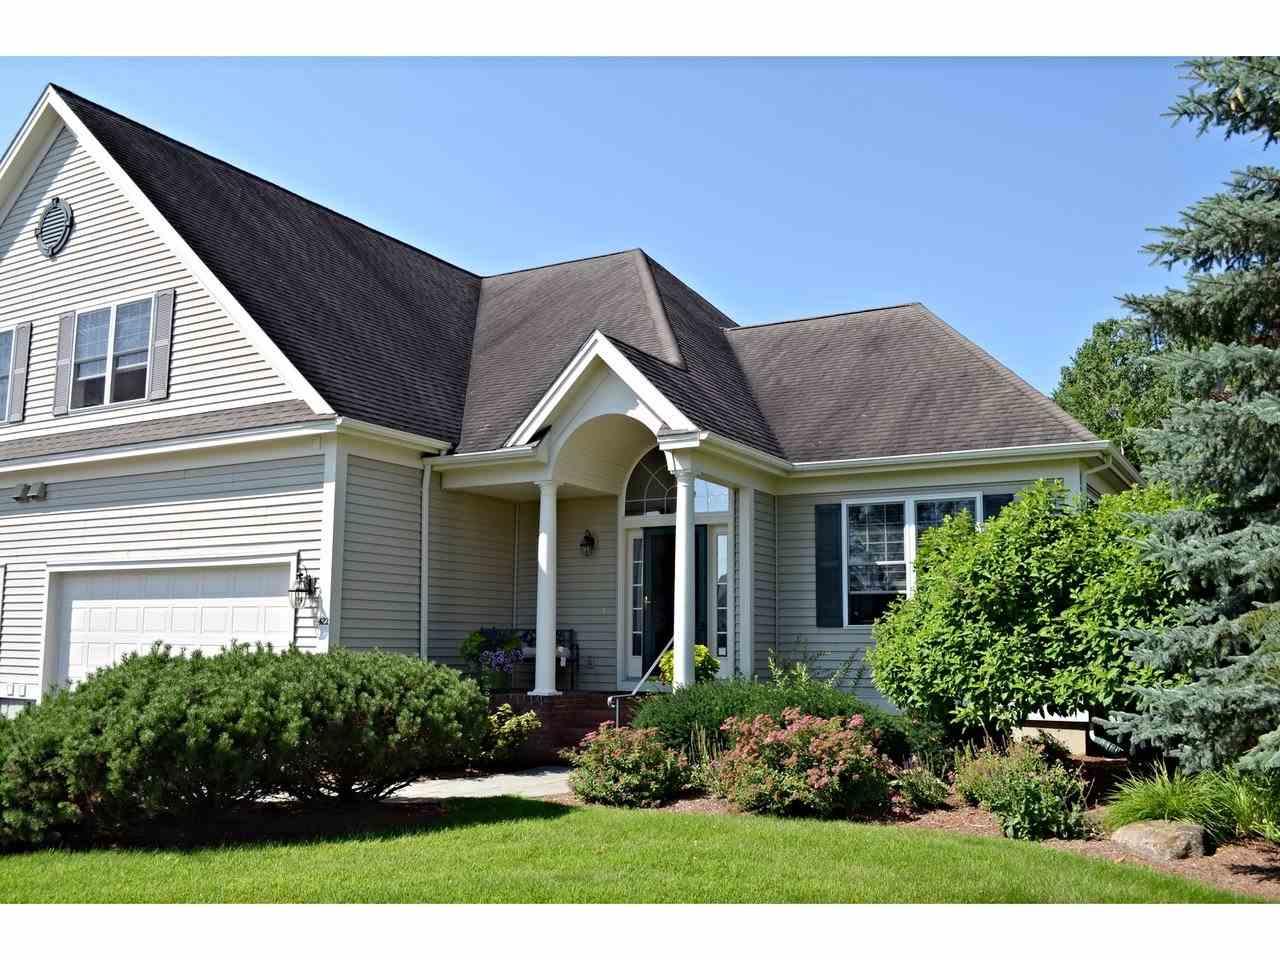 422 Nowland Farm Road 422, South Burlington, VT 05403